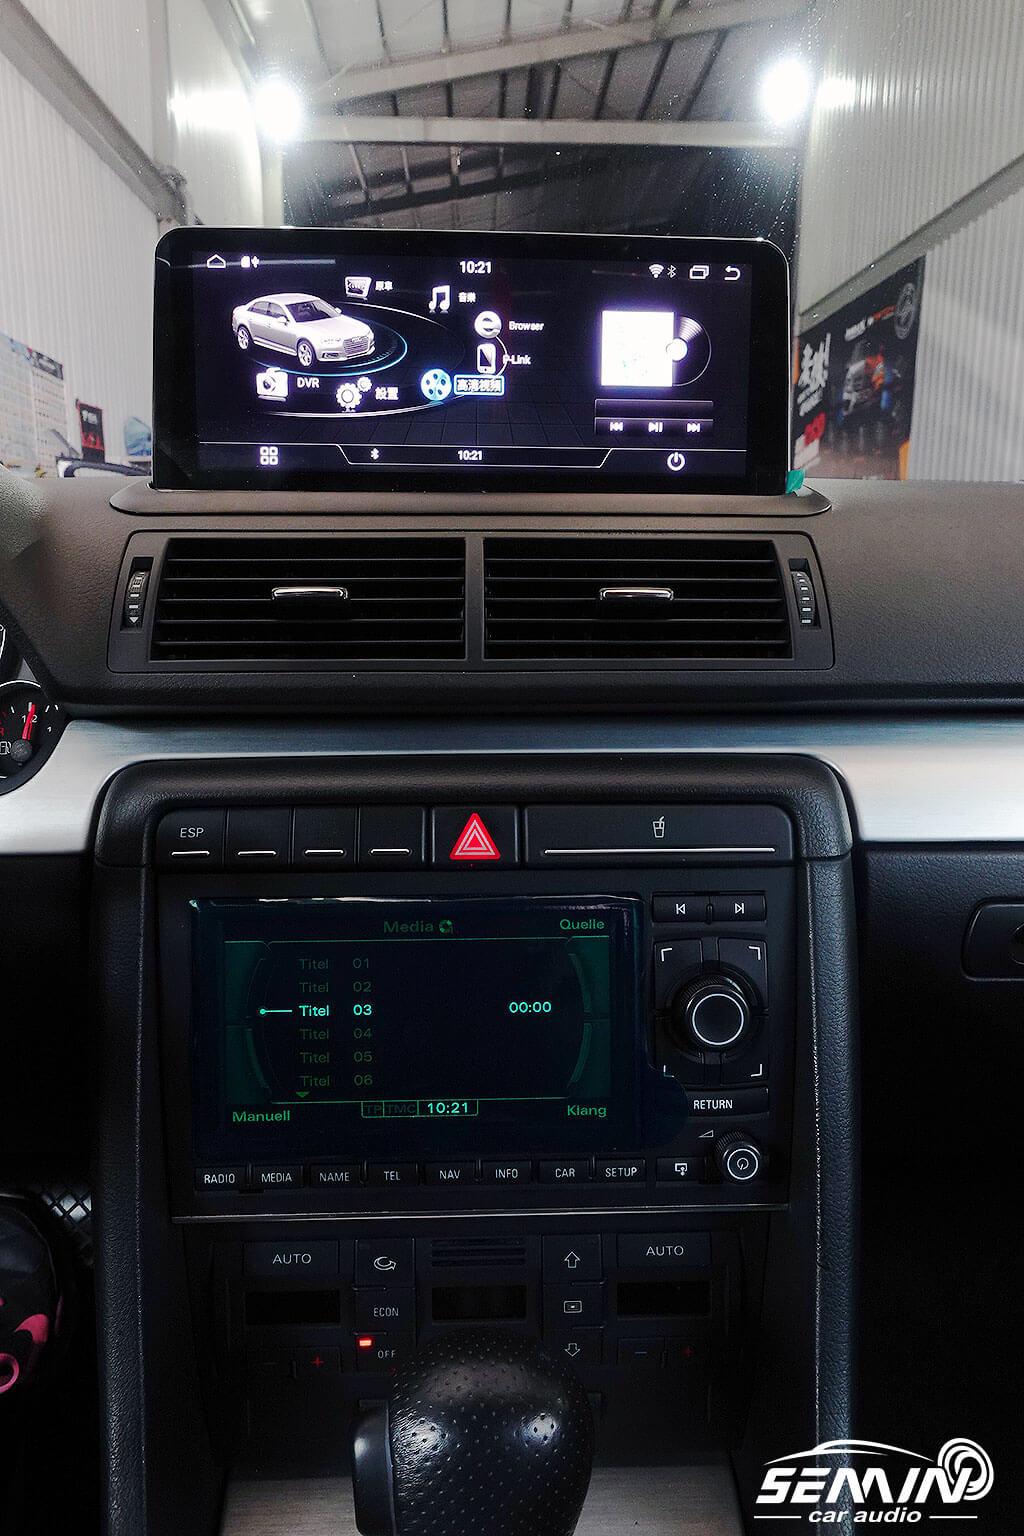 AUDI A4 客製化加裝10.25吋安卓大螢幕